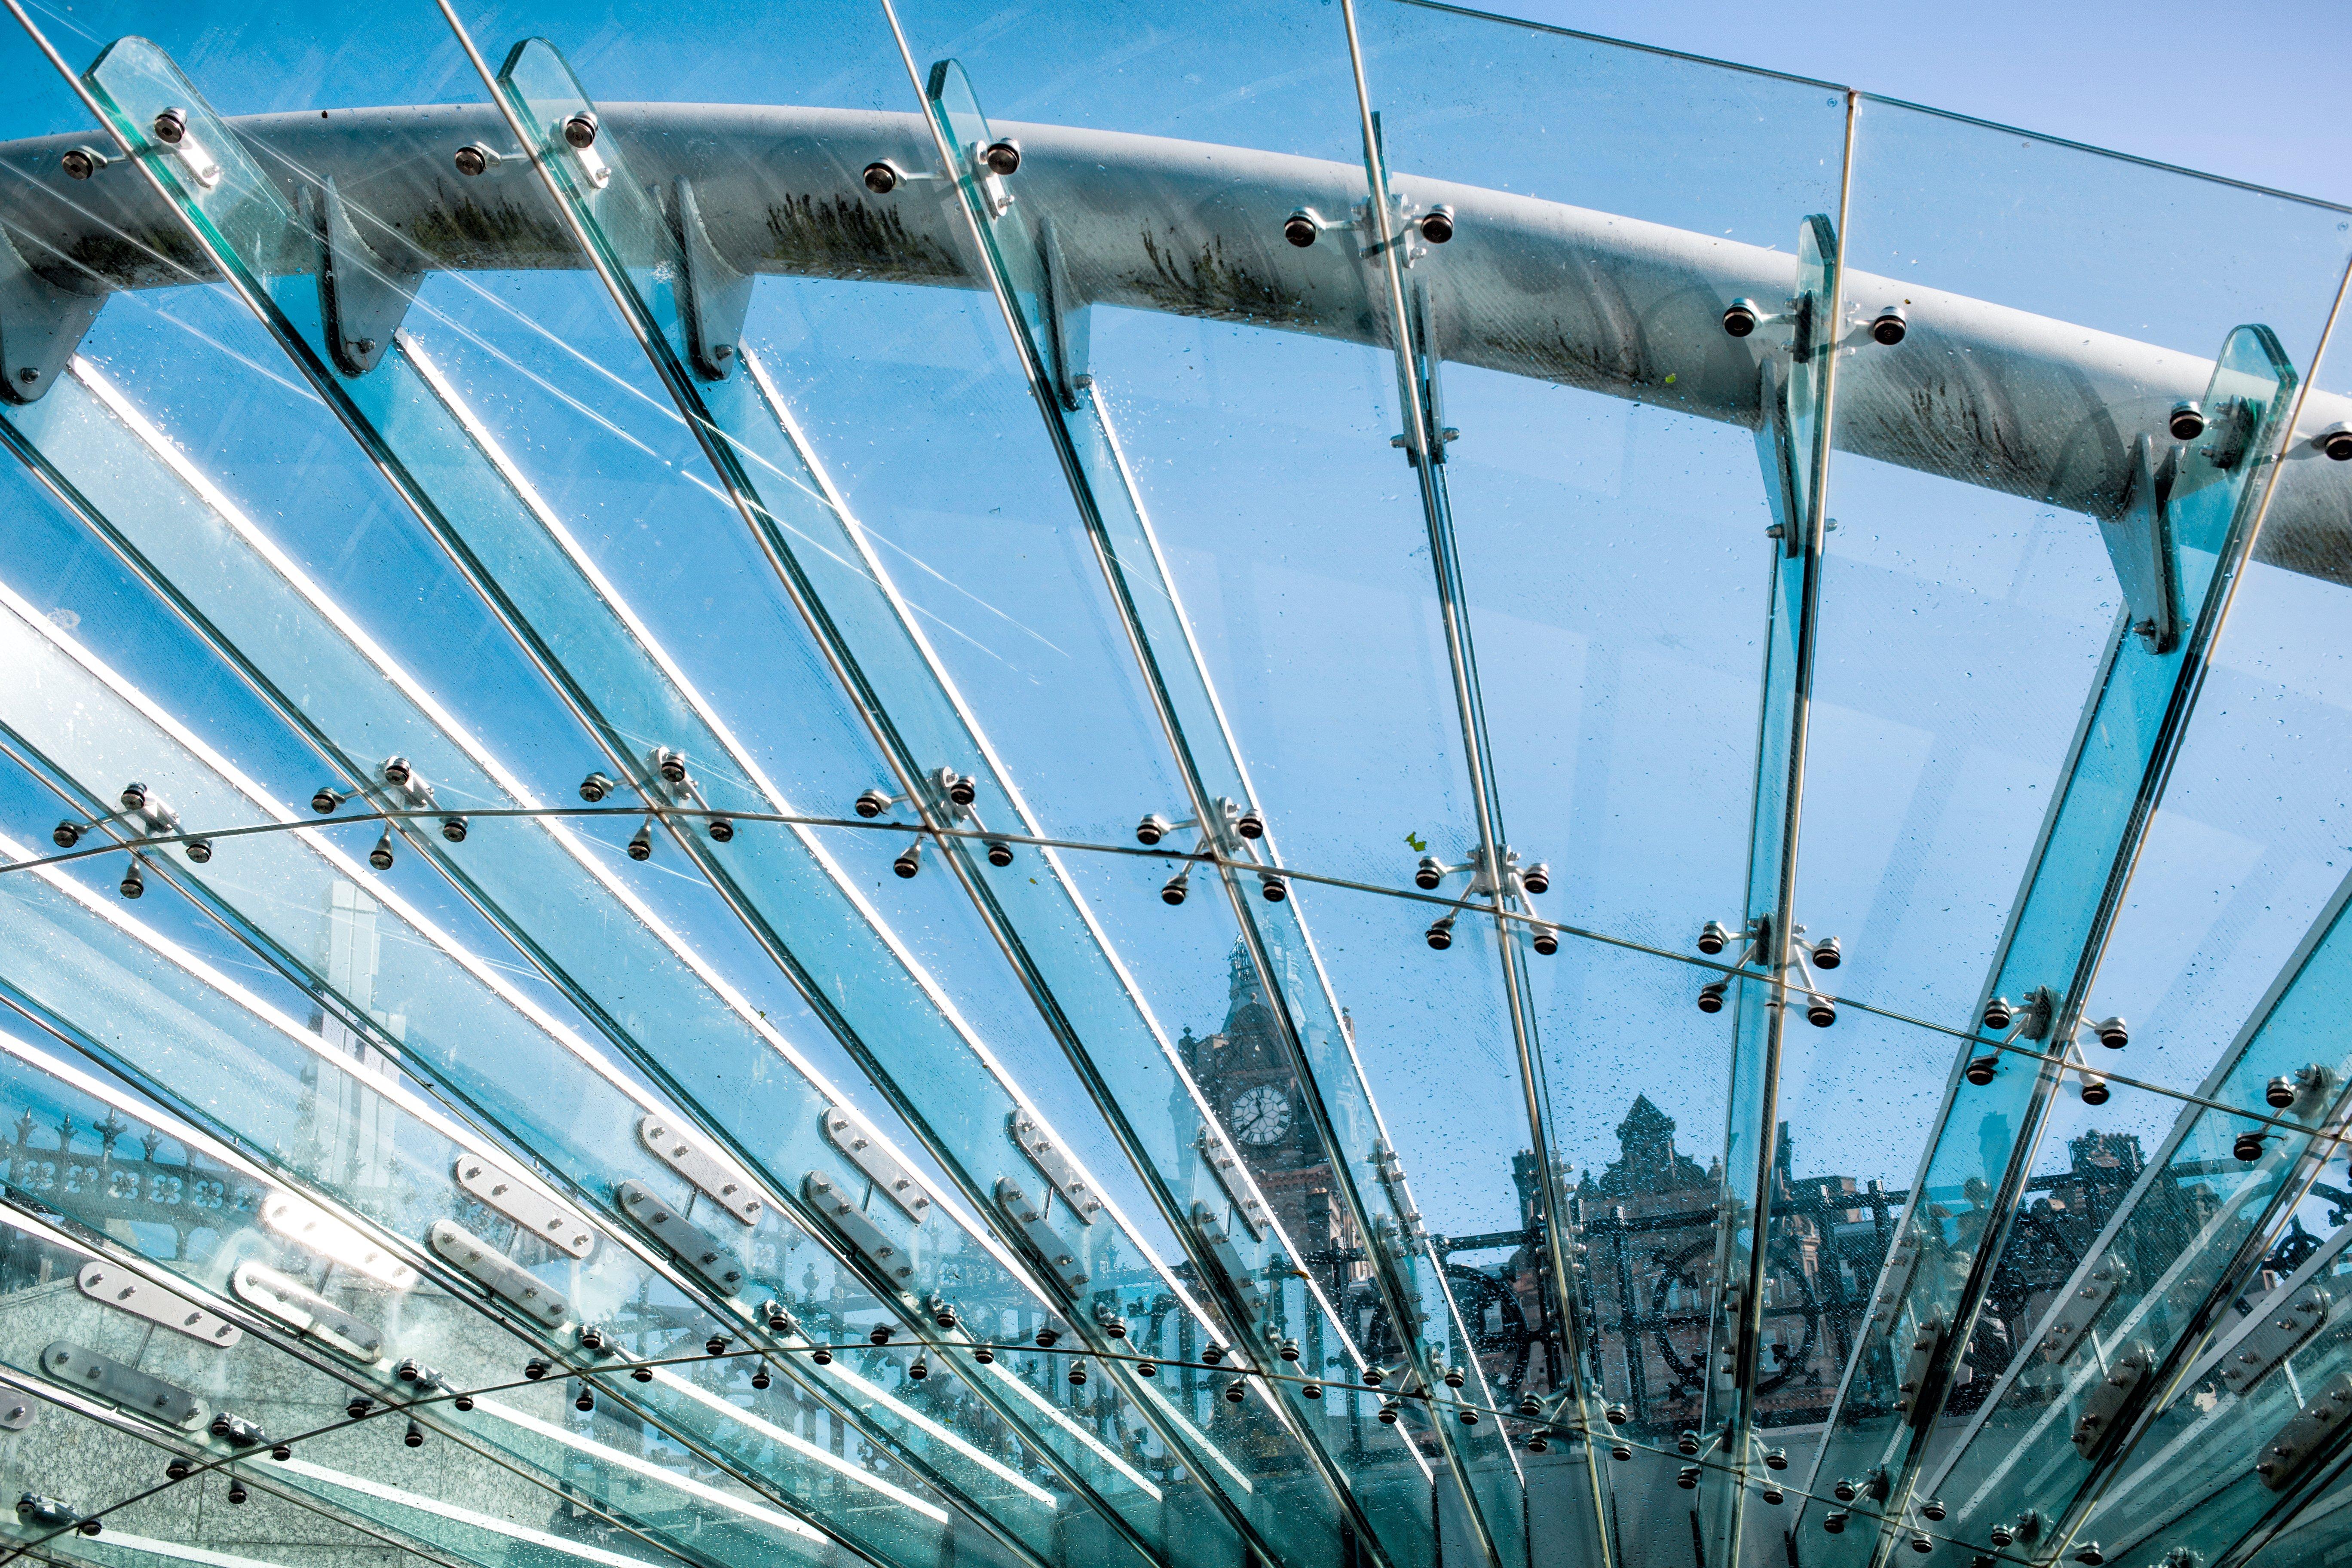 glass-and-metal-construction-2021-04-02-20-21-45-utc